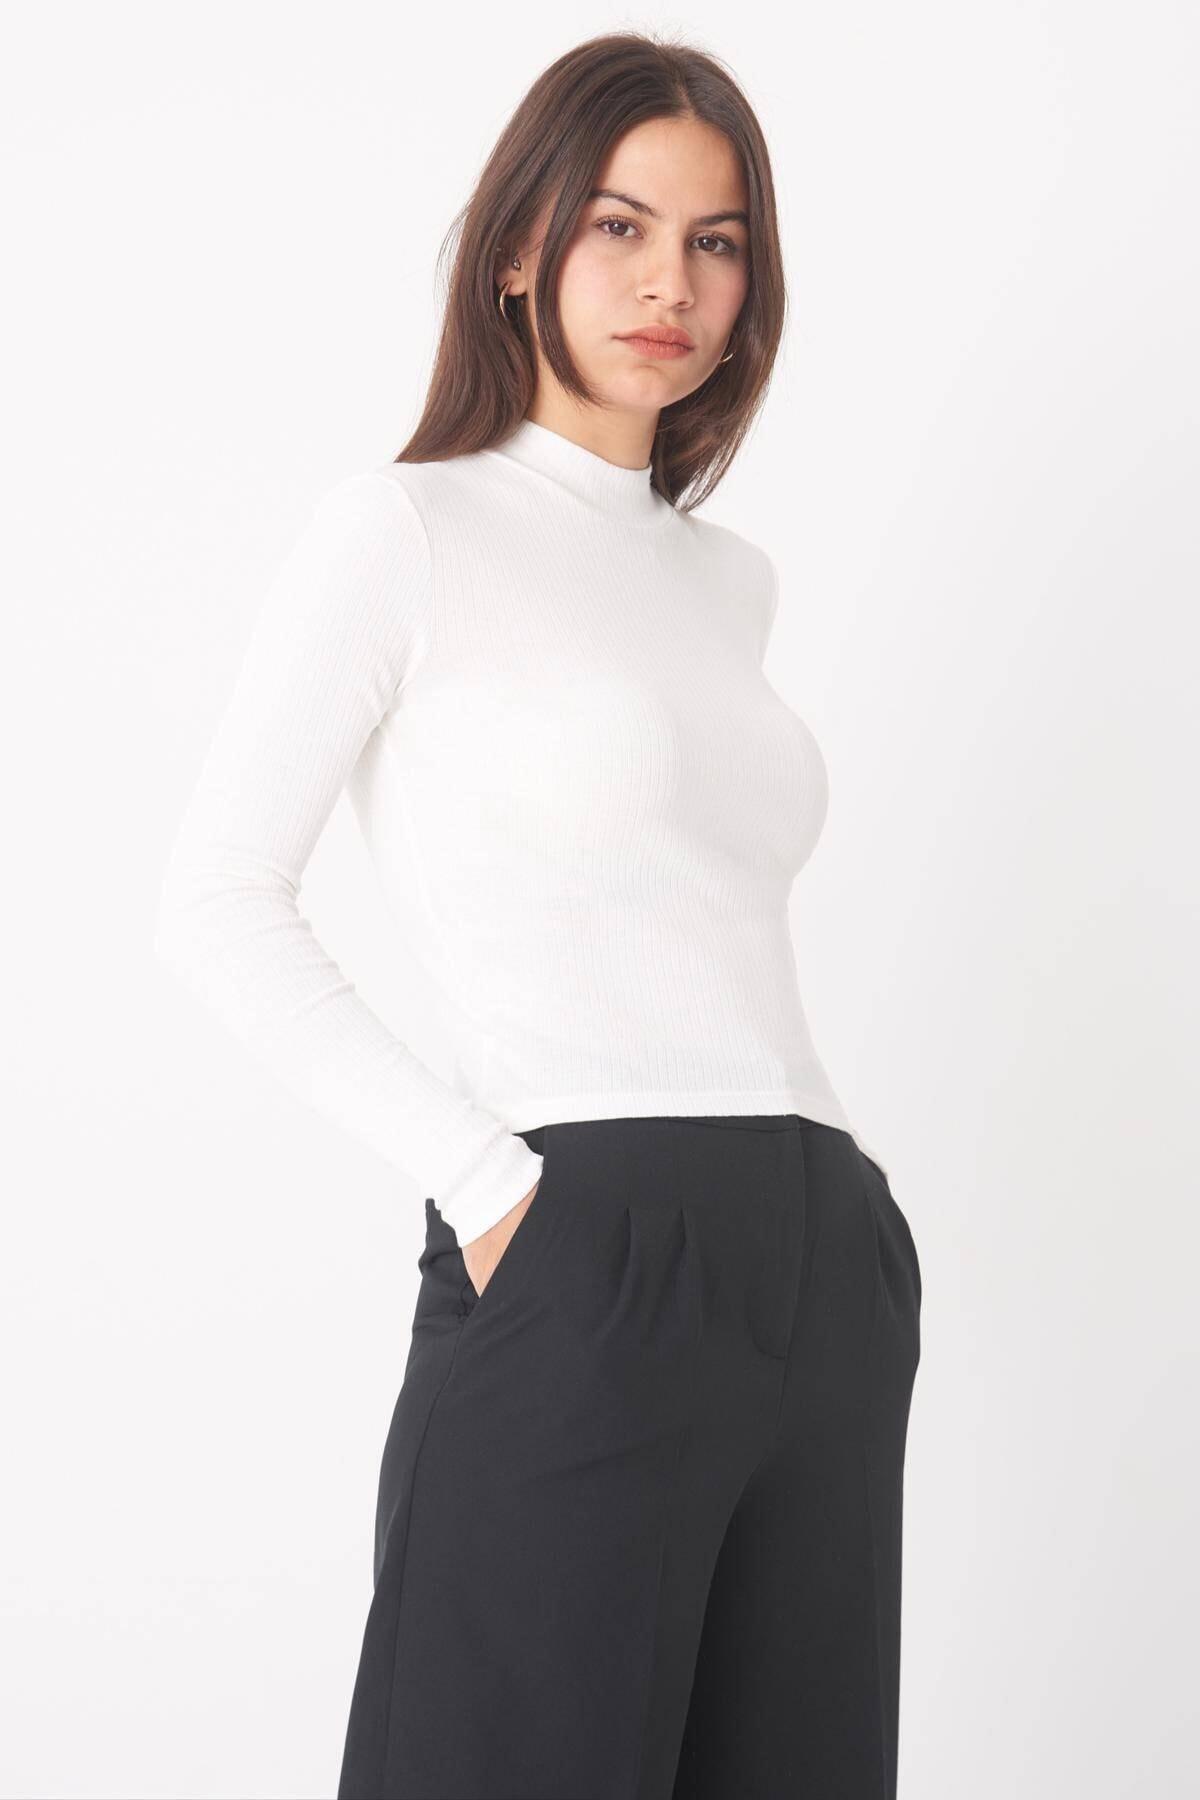 Addax Kadın Ekru Uzun Kollu Bluz B1070 - U8 ADX-0000023027 1